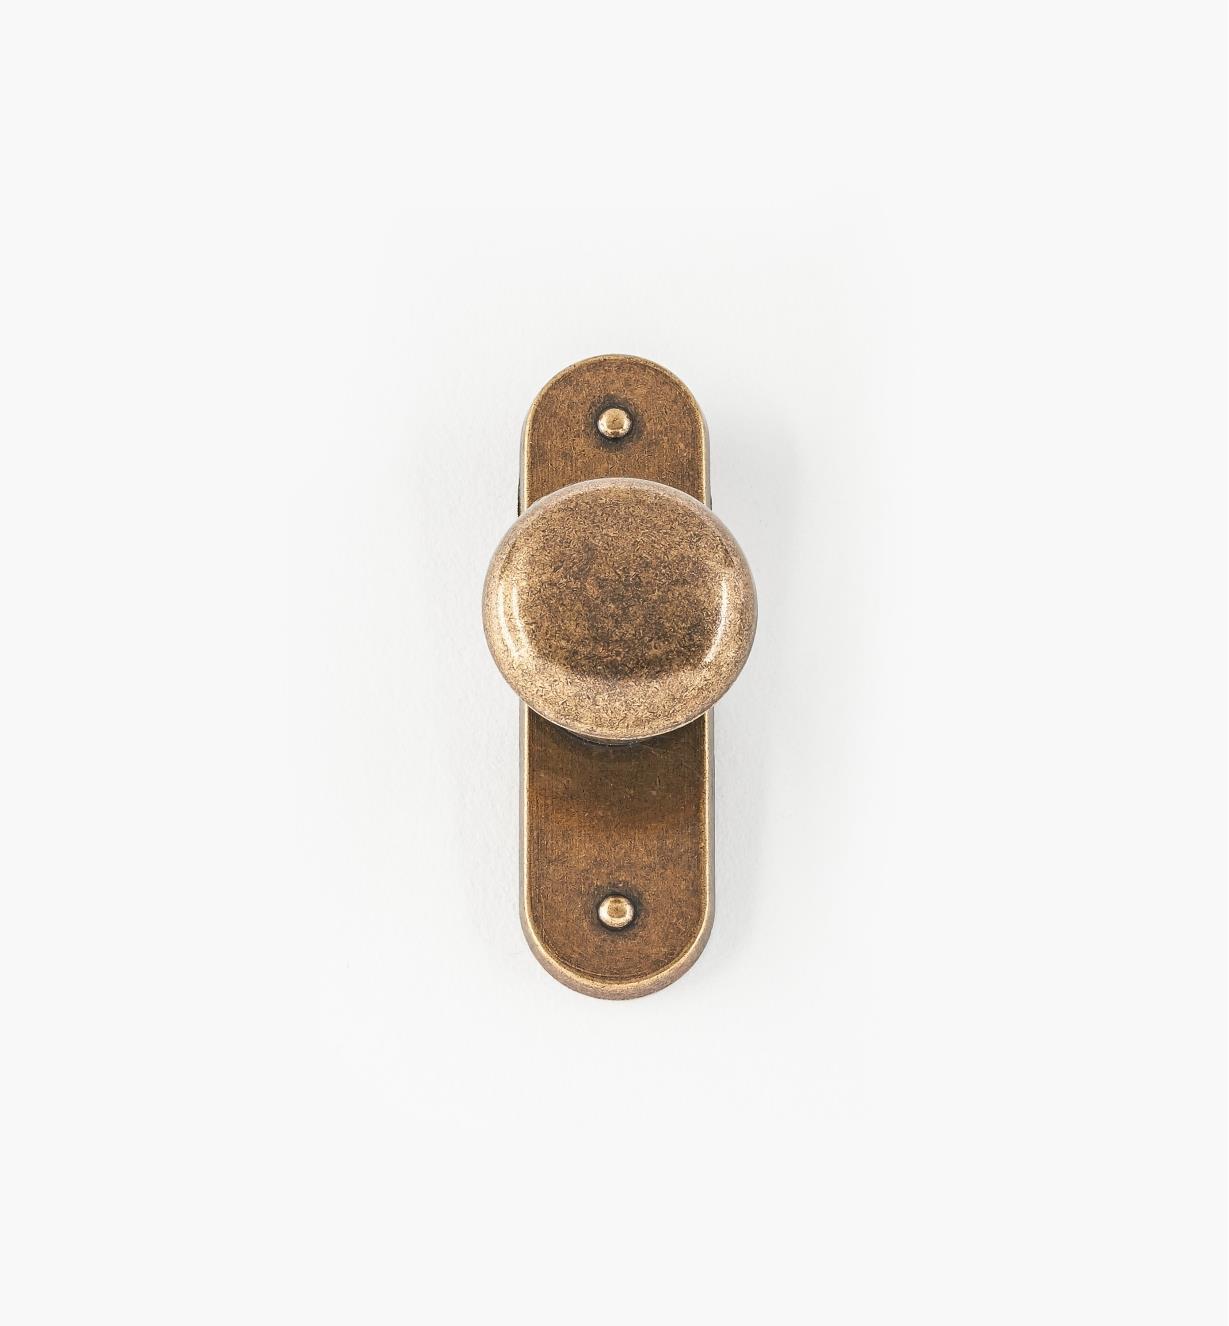 01W3331 - Bouton de porte sur platine, fini anglais antique, 2 1/2 po